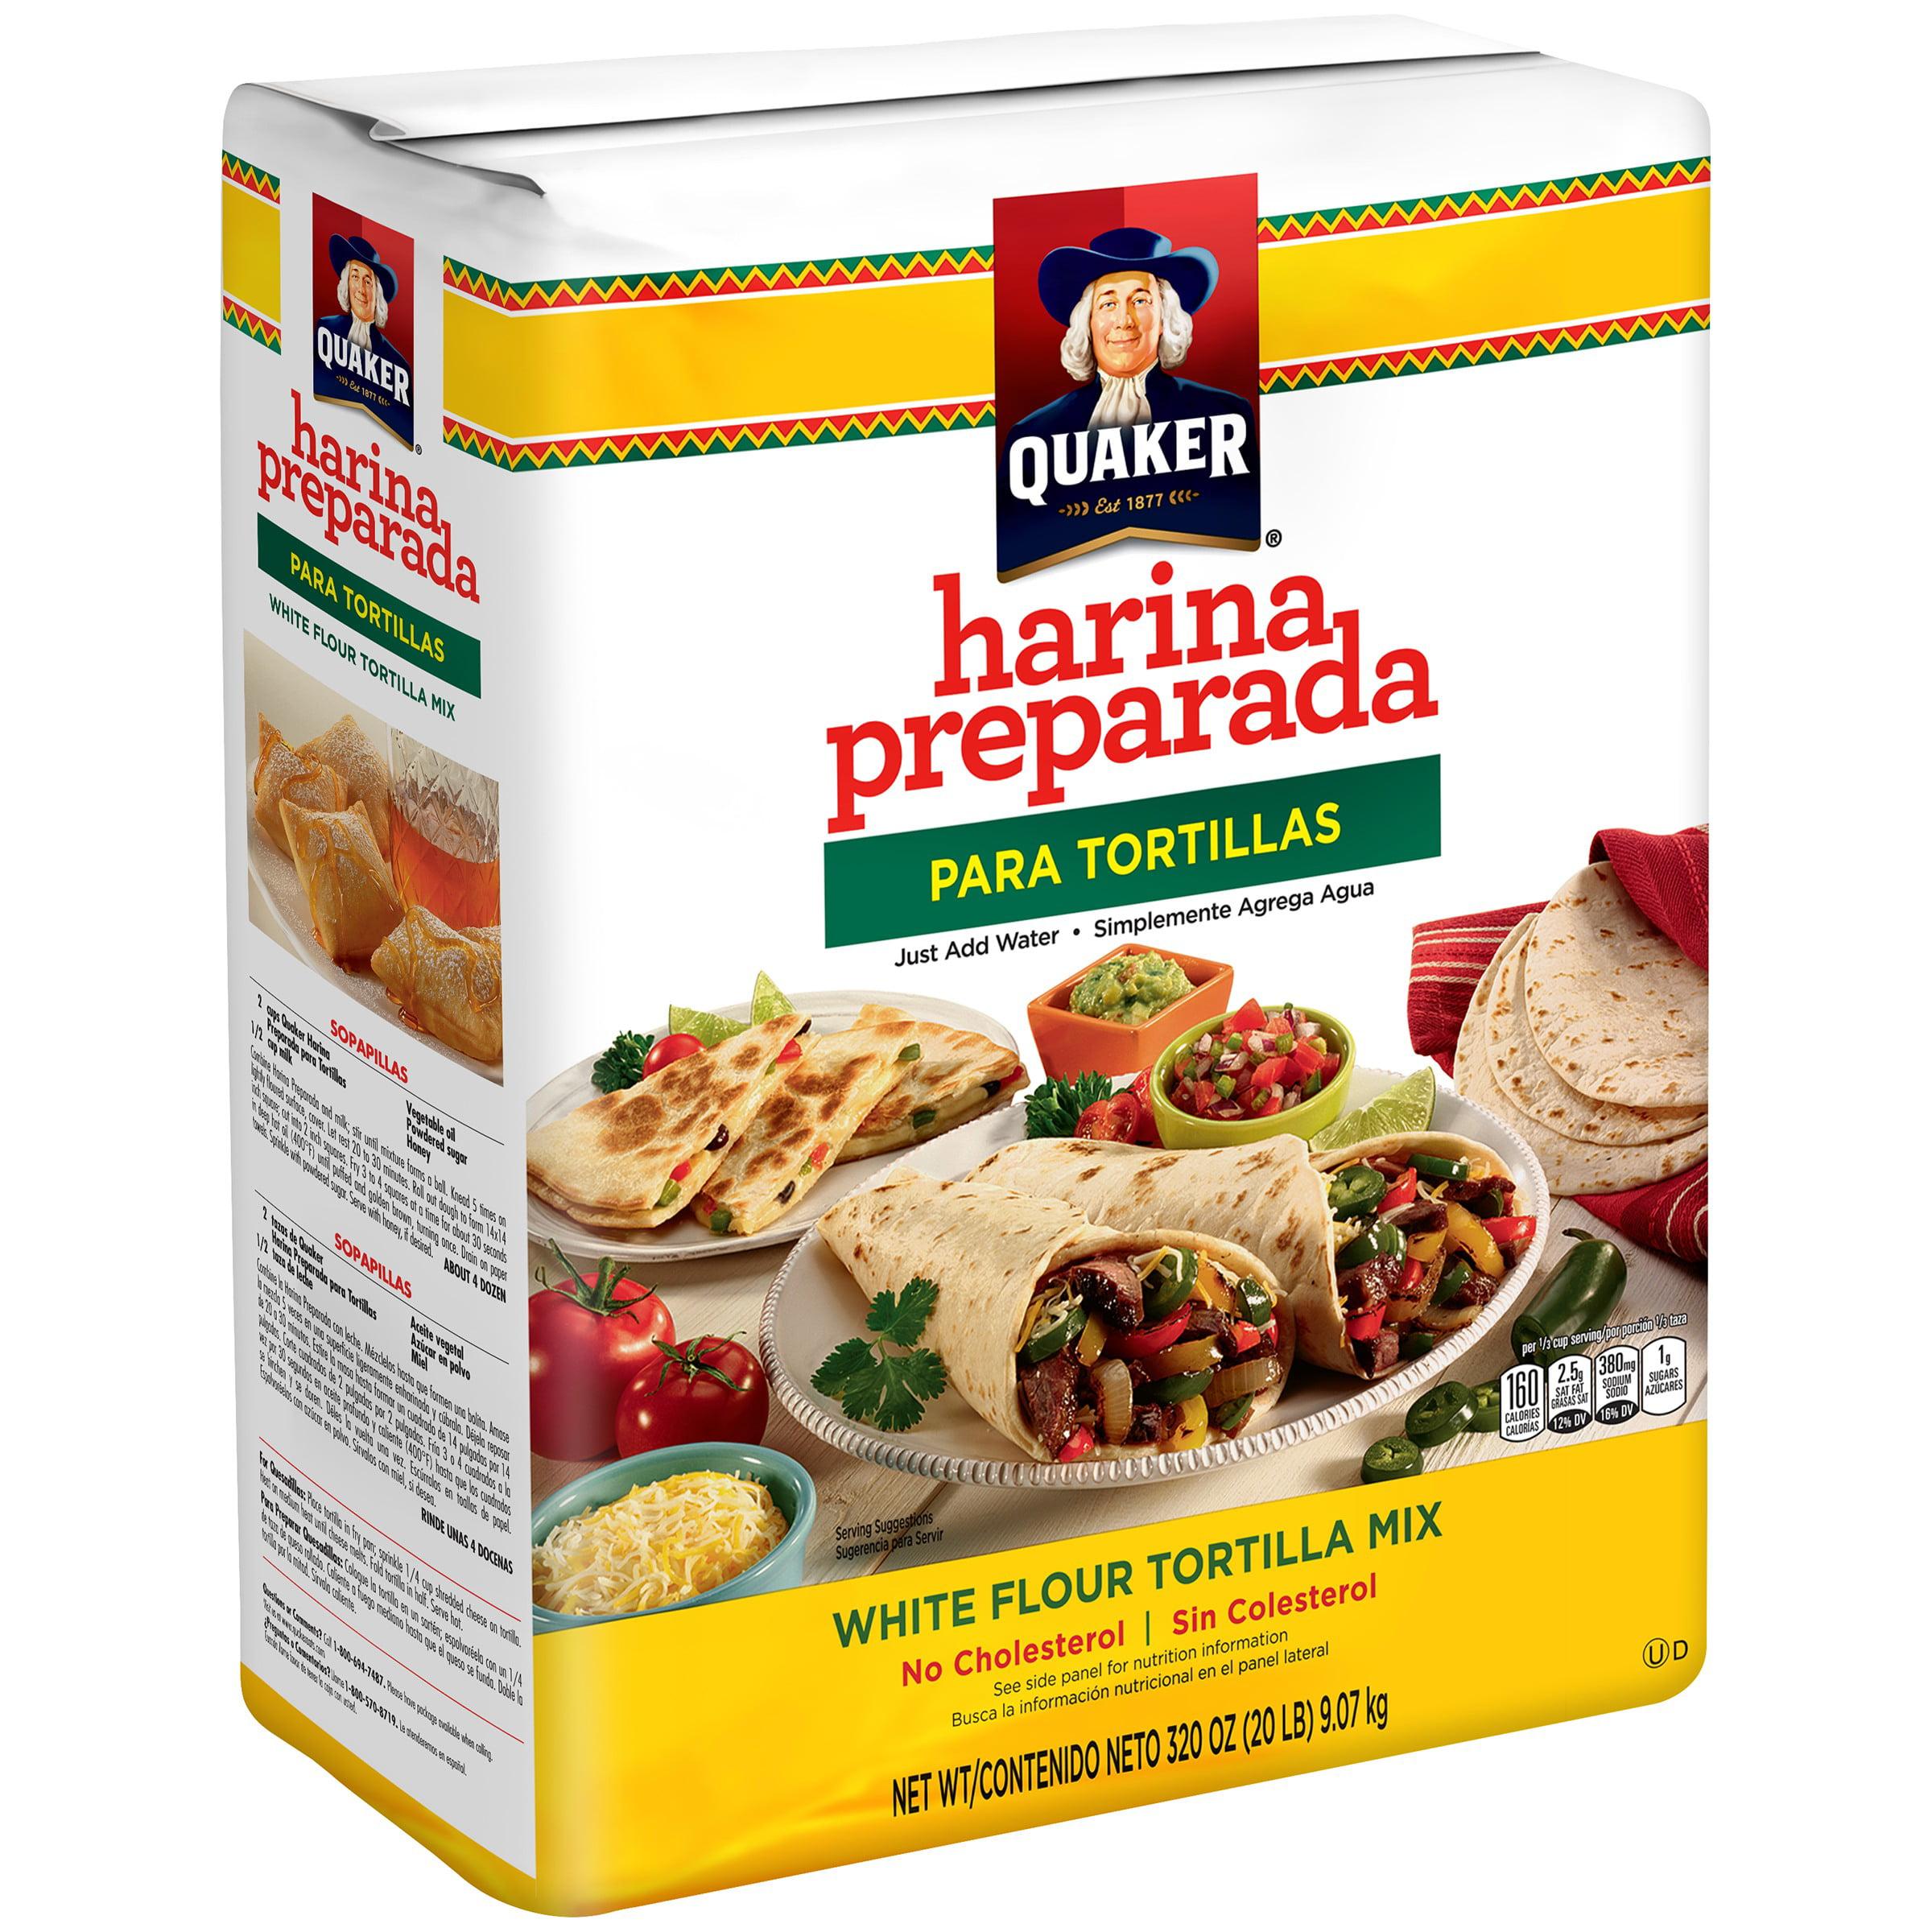 Quaker Harina Preparada Para Tortillas White Flour Tortilla Mix 20 Lb Bag